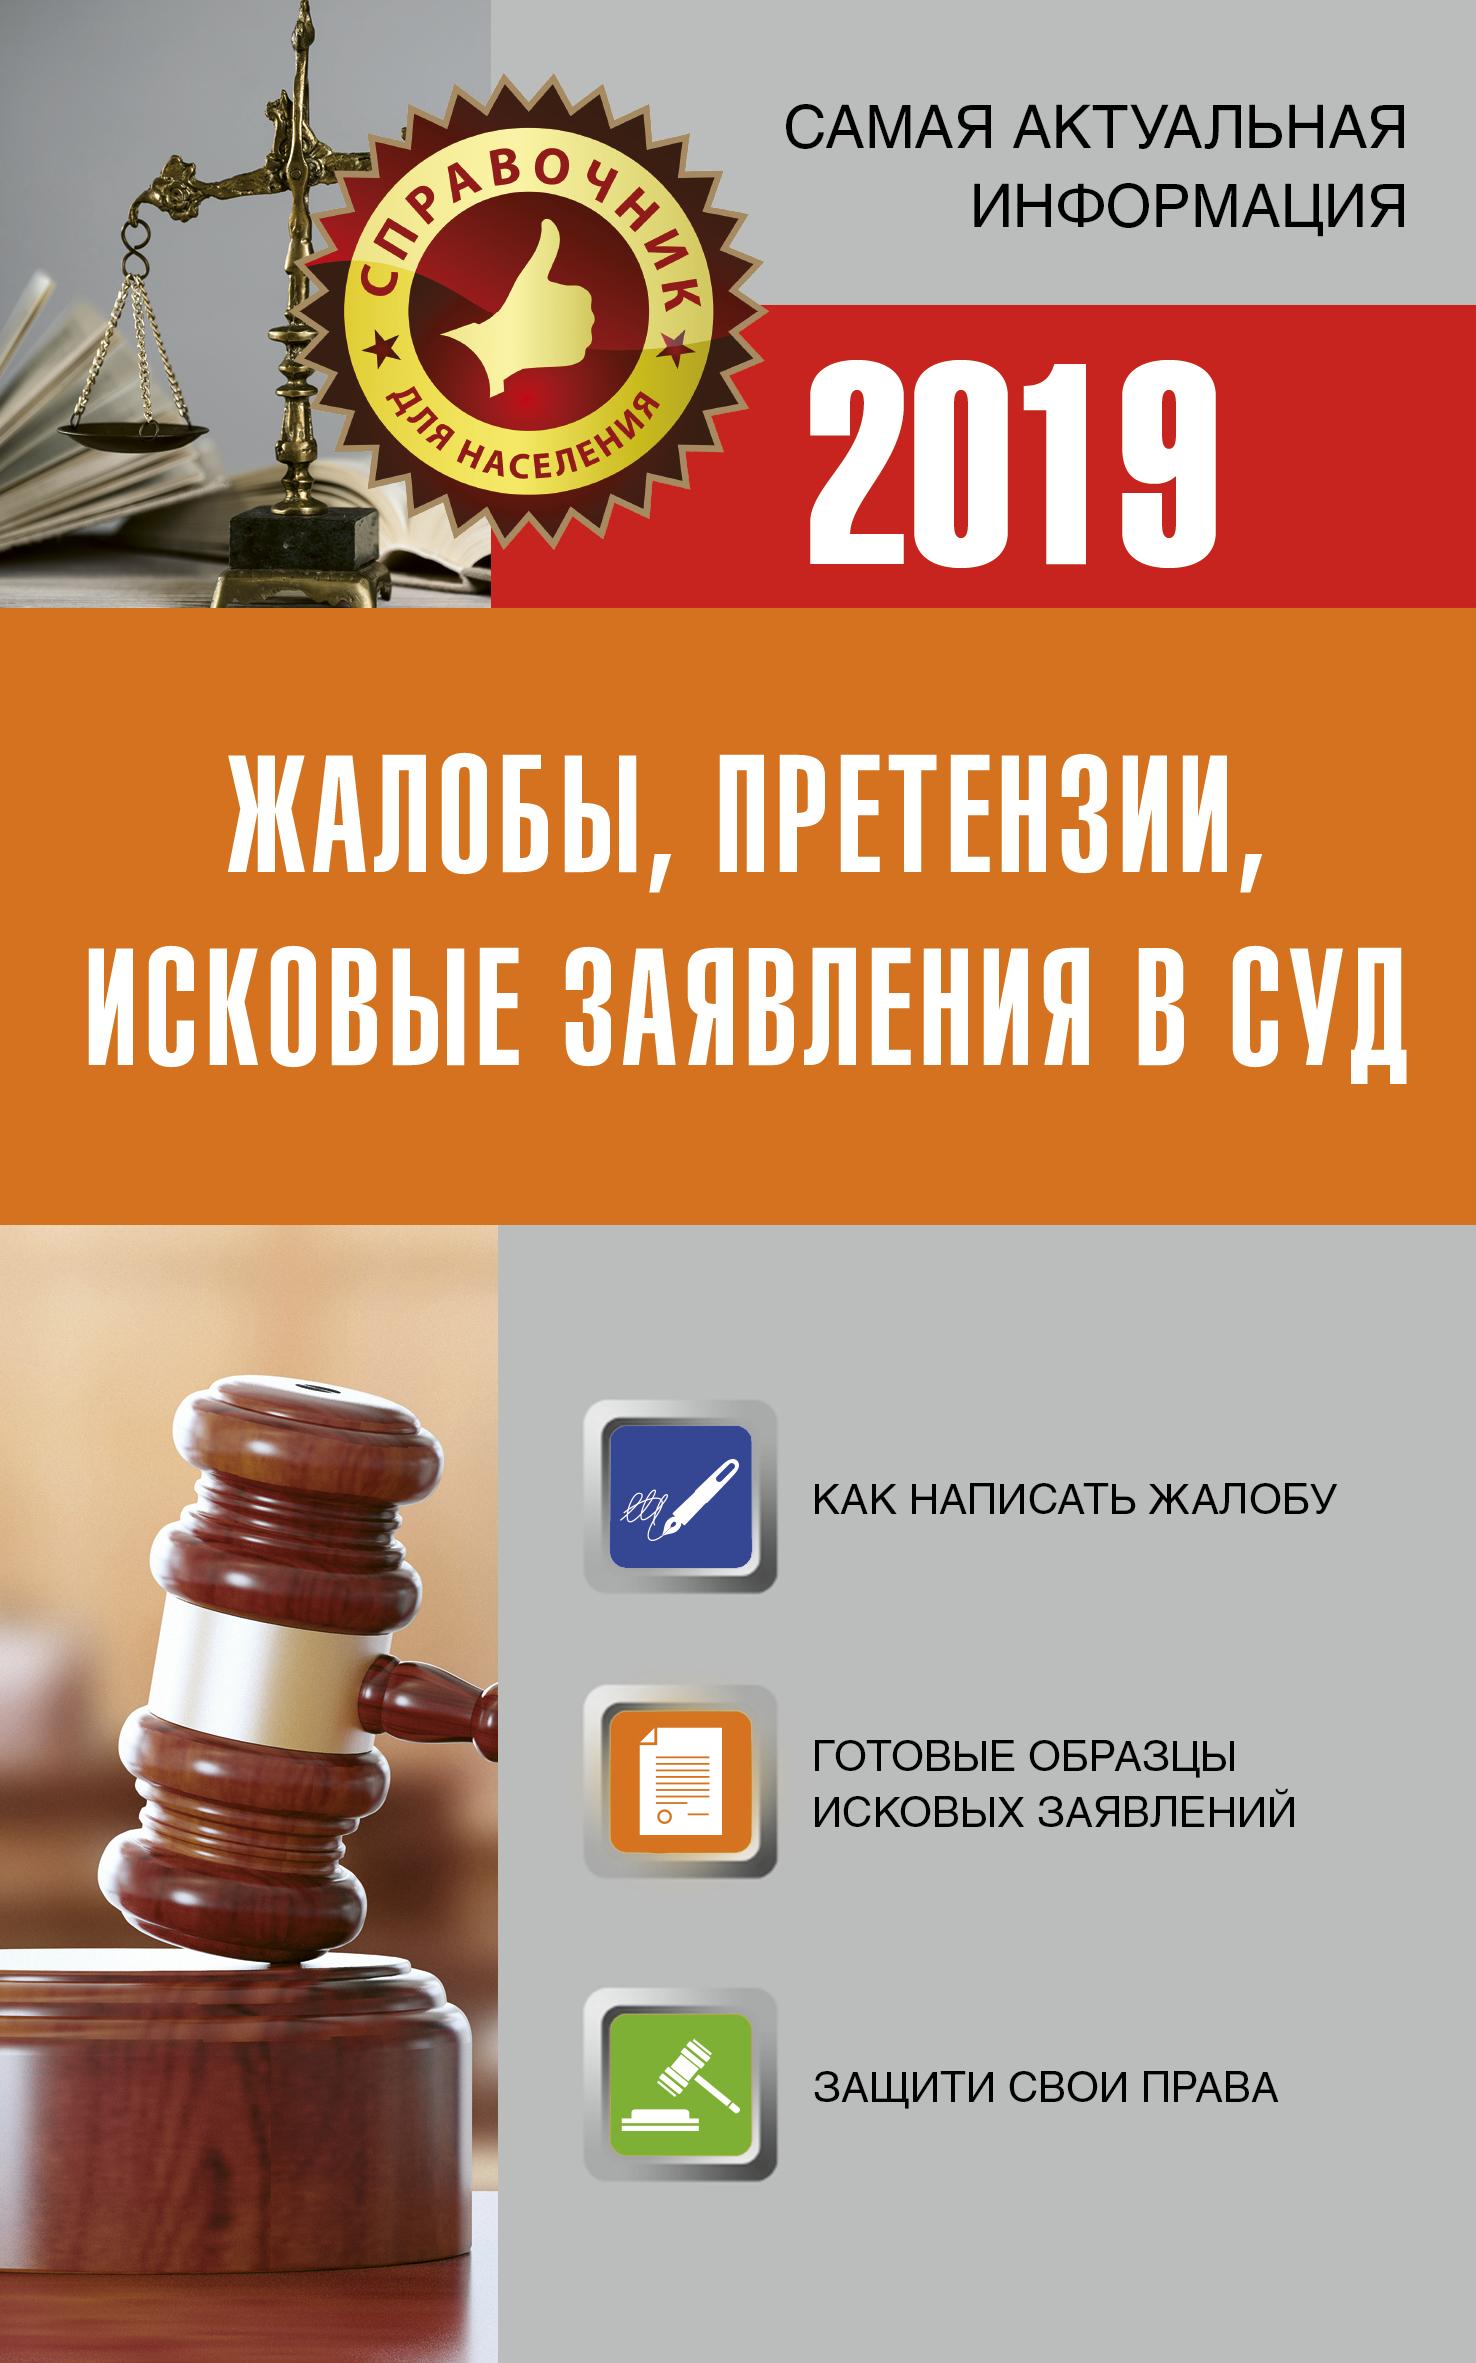 цена на . Жалобы, претензии, исковые заявления в суд на 2019 год